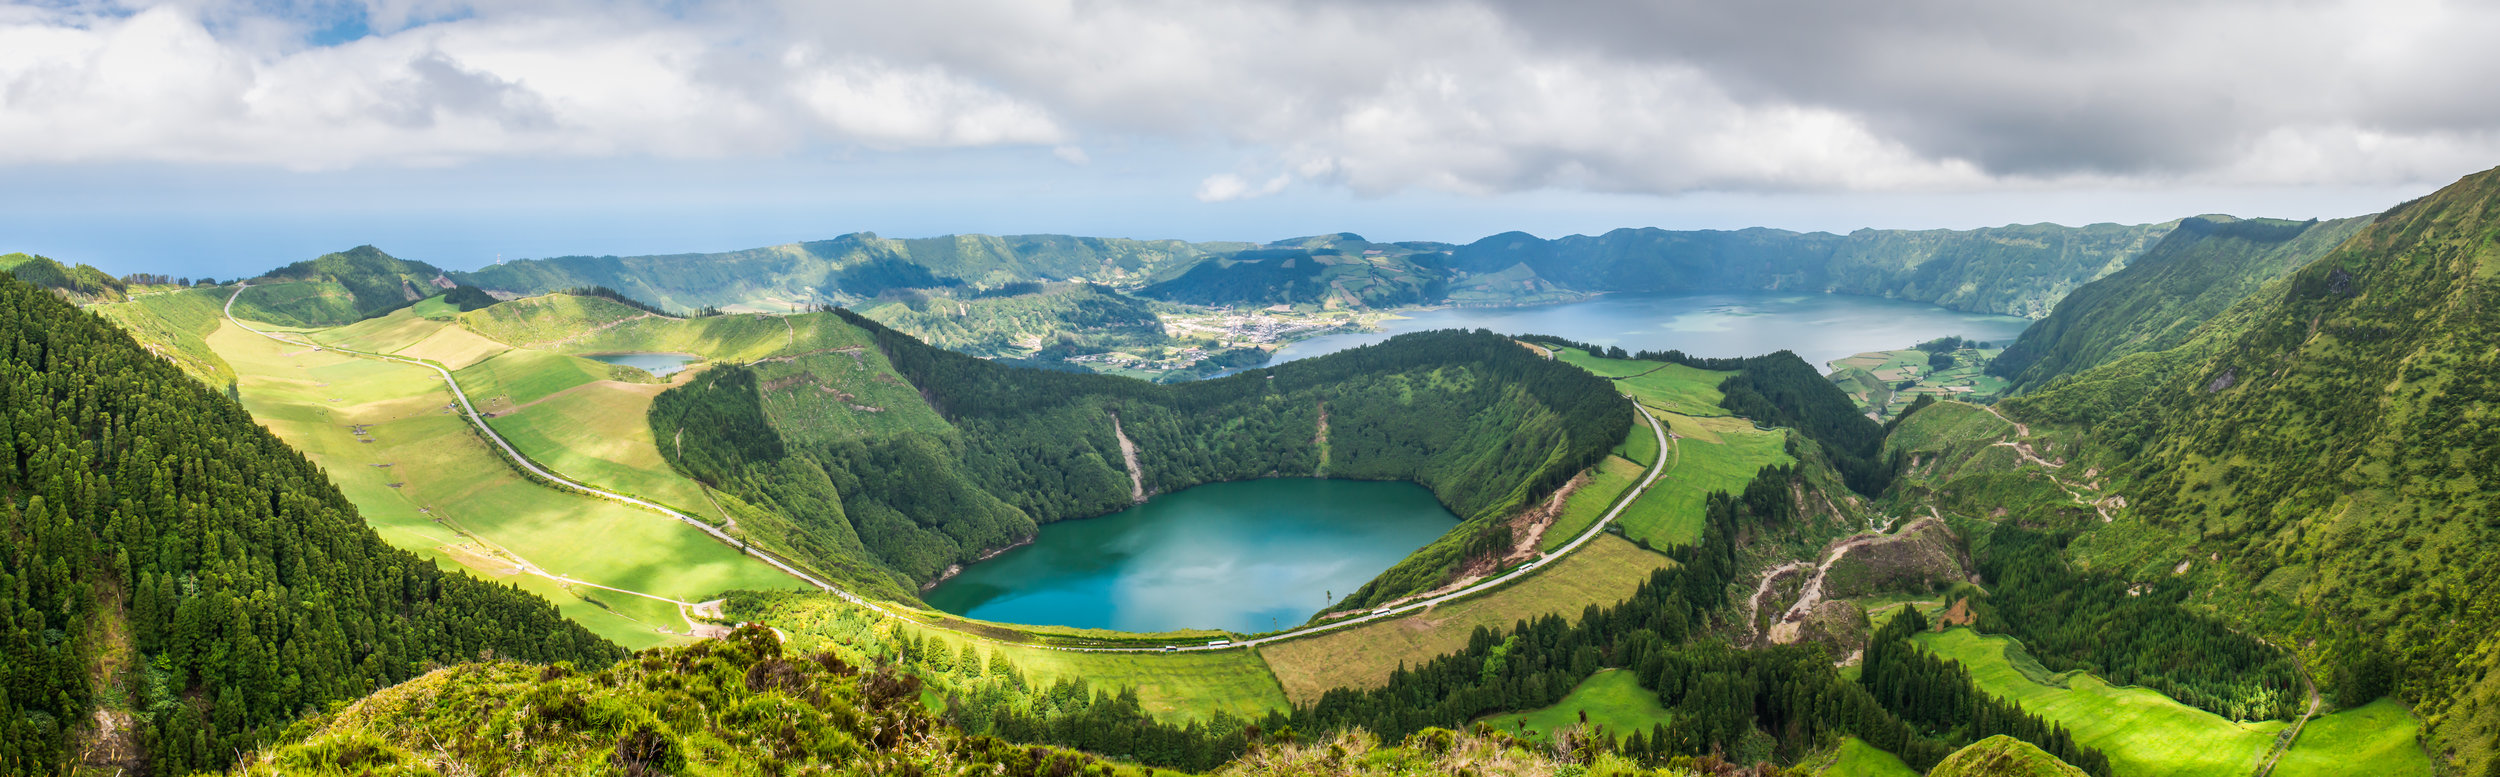 Azores.jpg